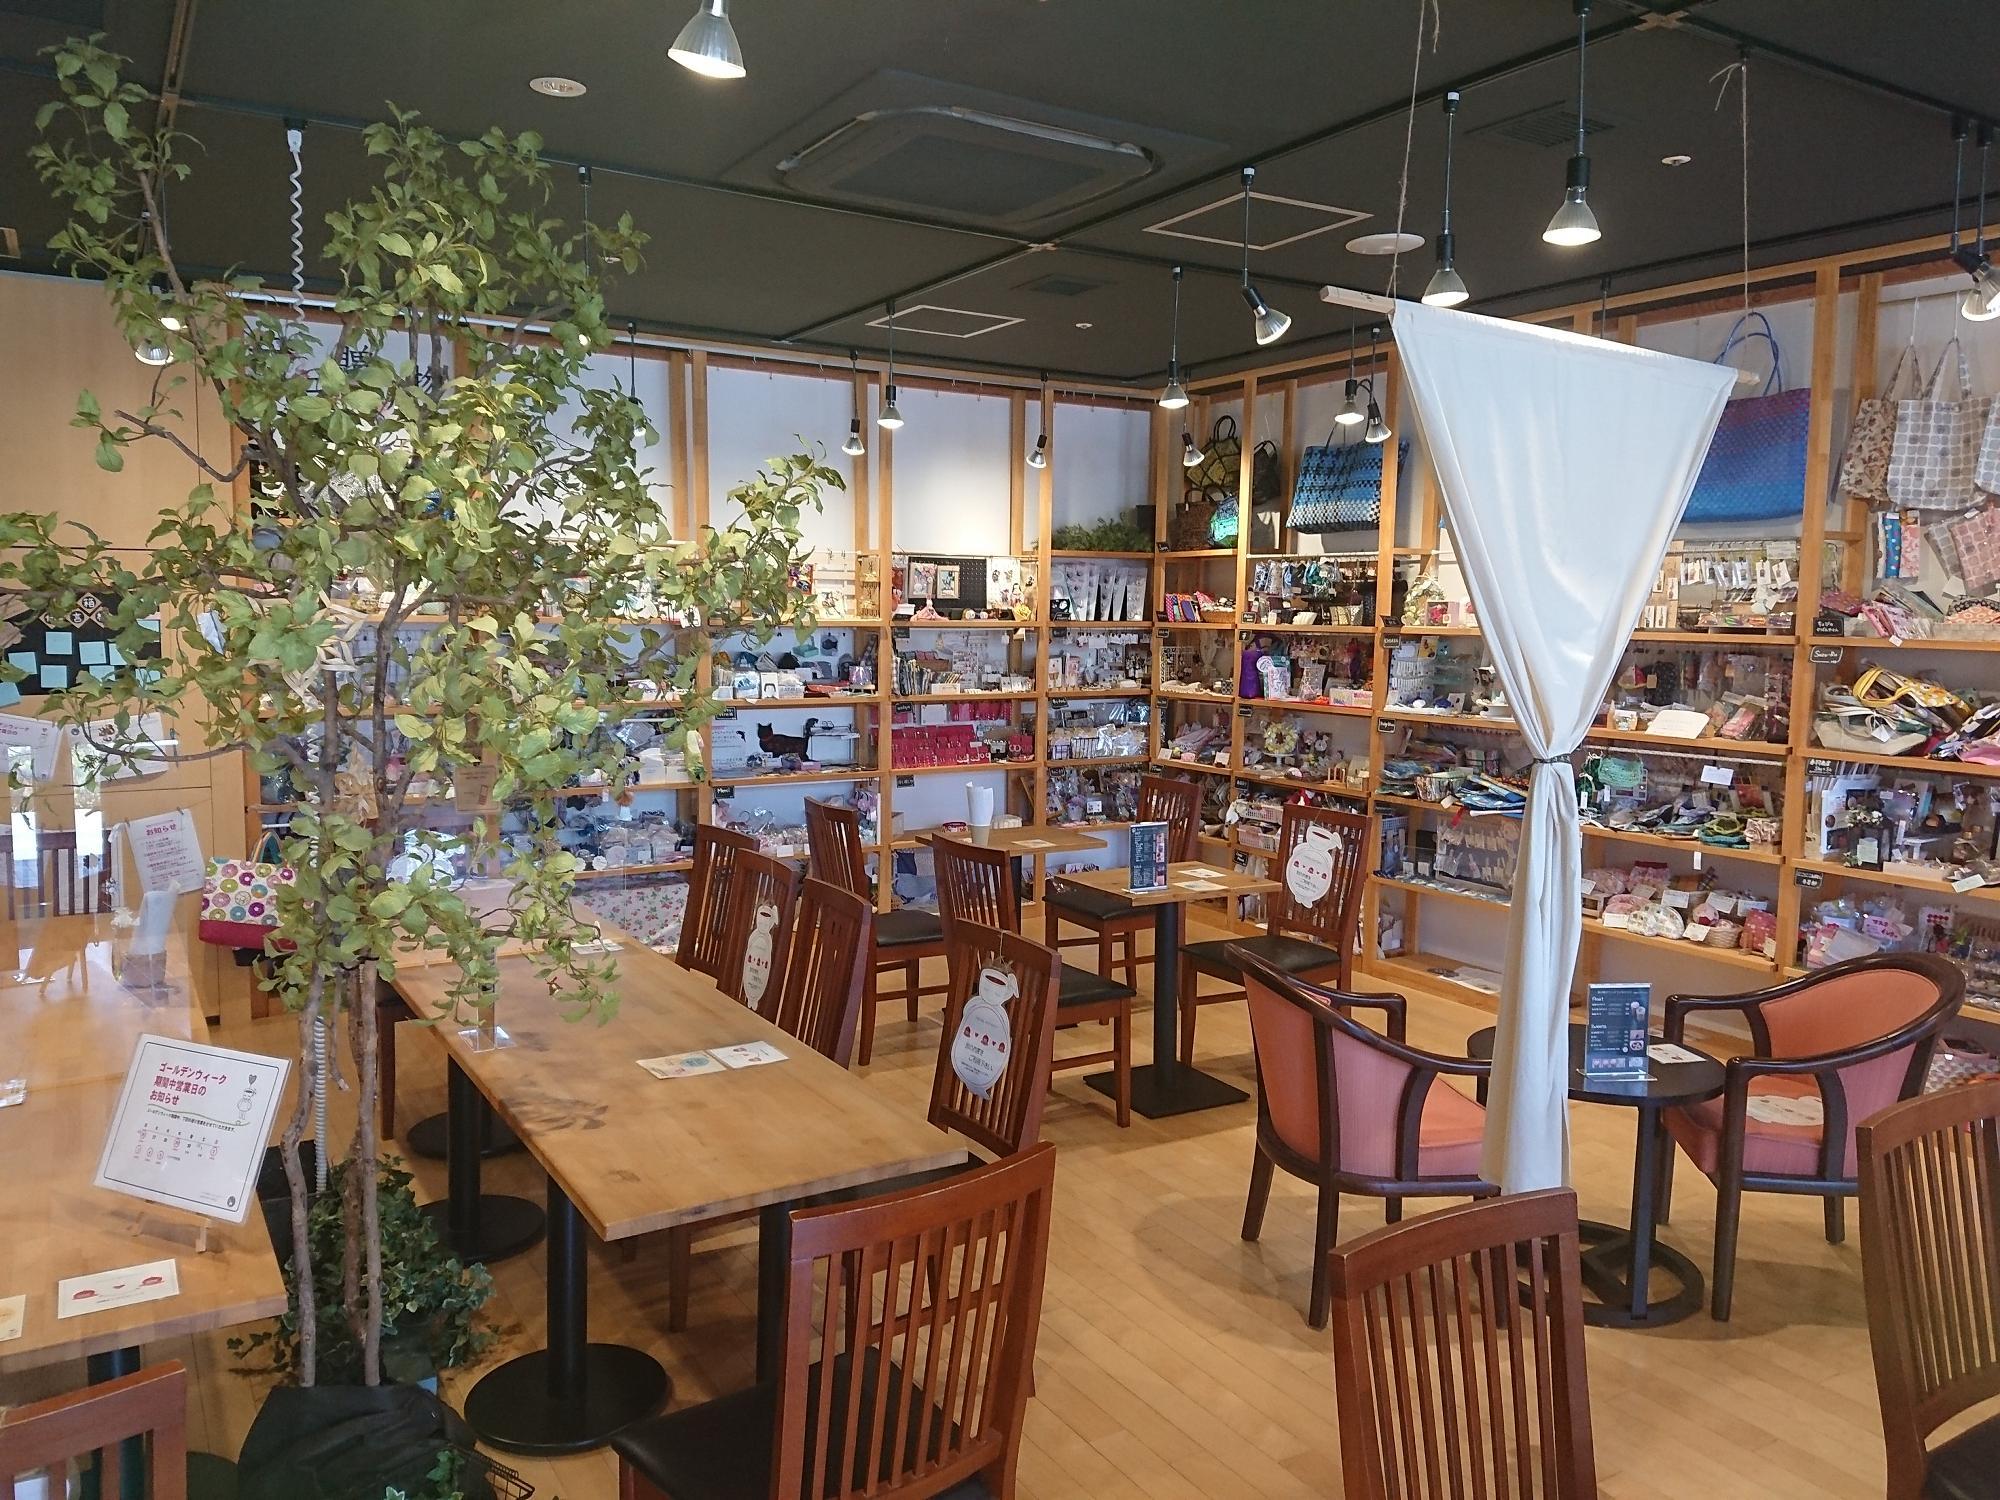 広い店内で、ソーシャルディスタンスを保ったうえで営業されています。